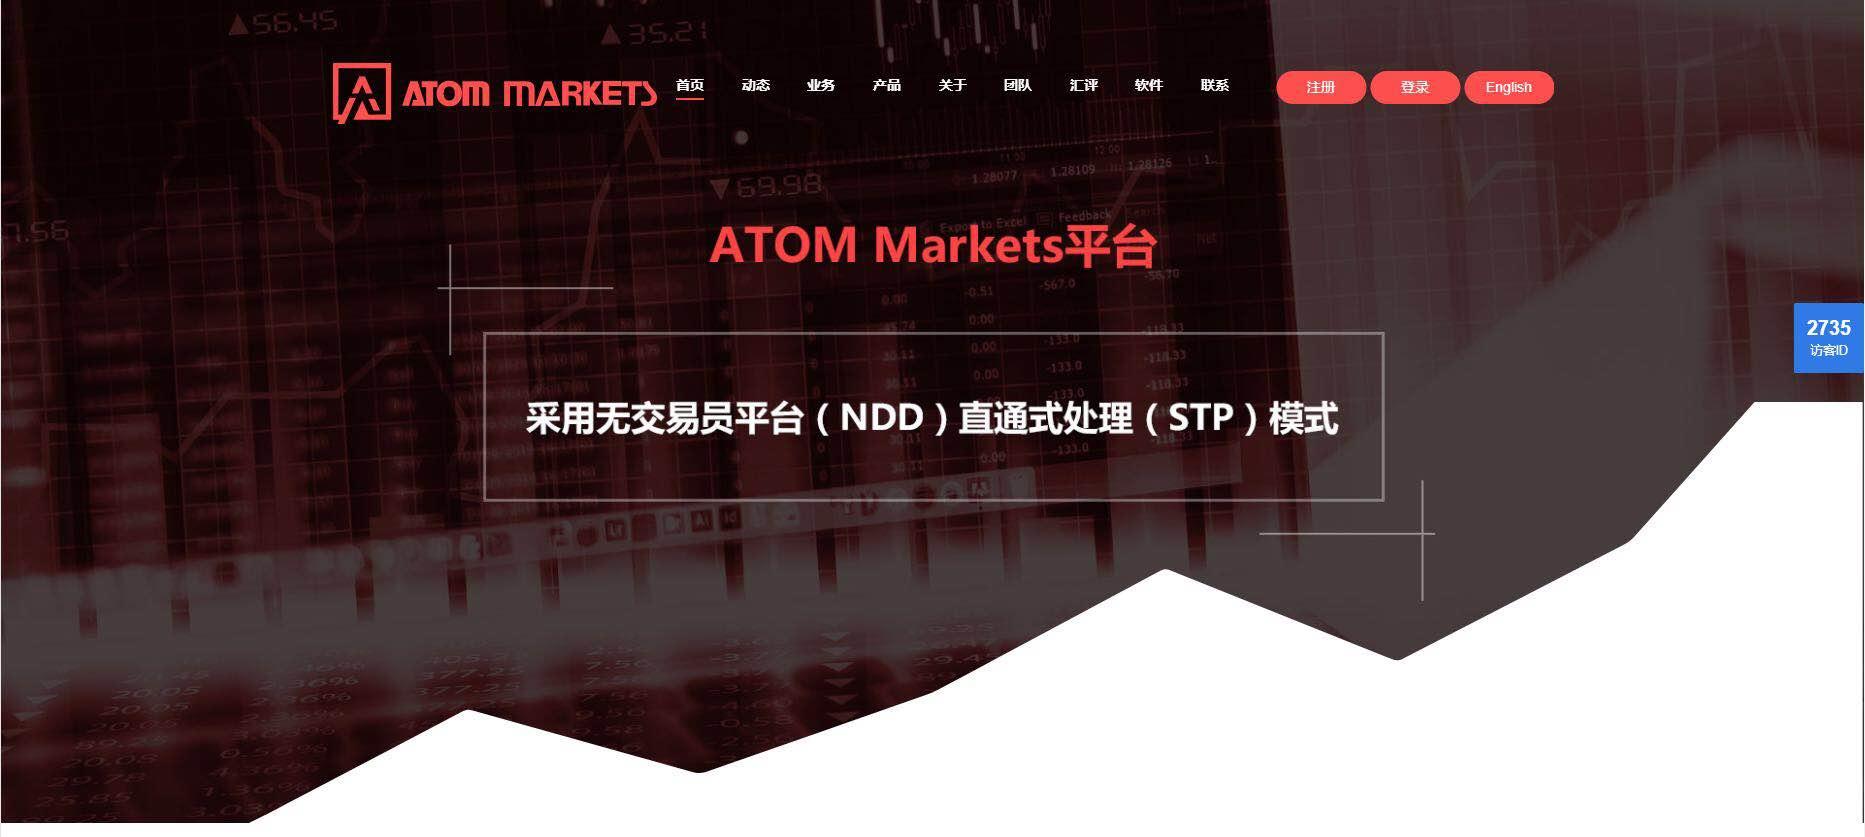 ATOM 平台纯手续费平